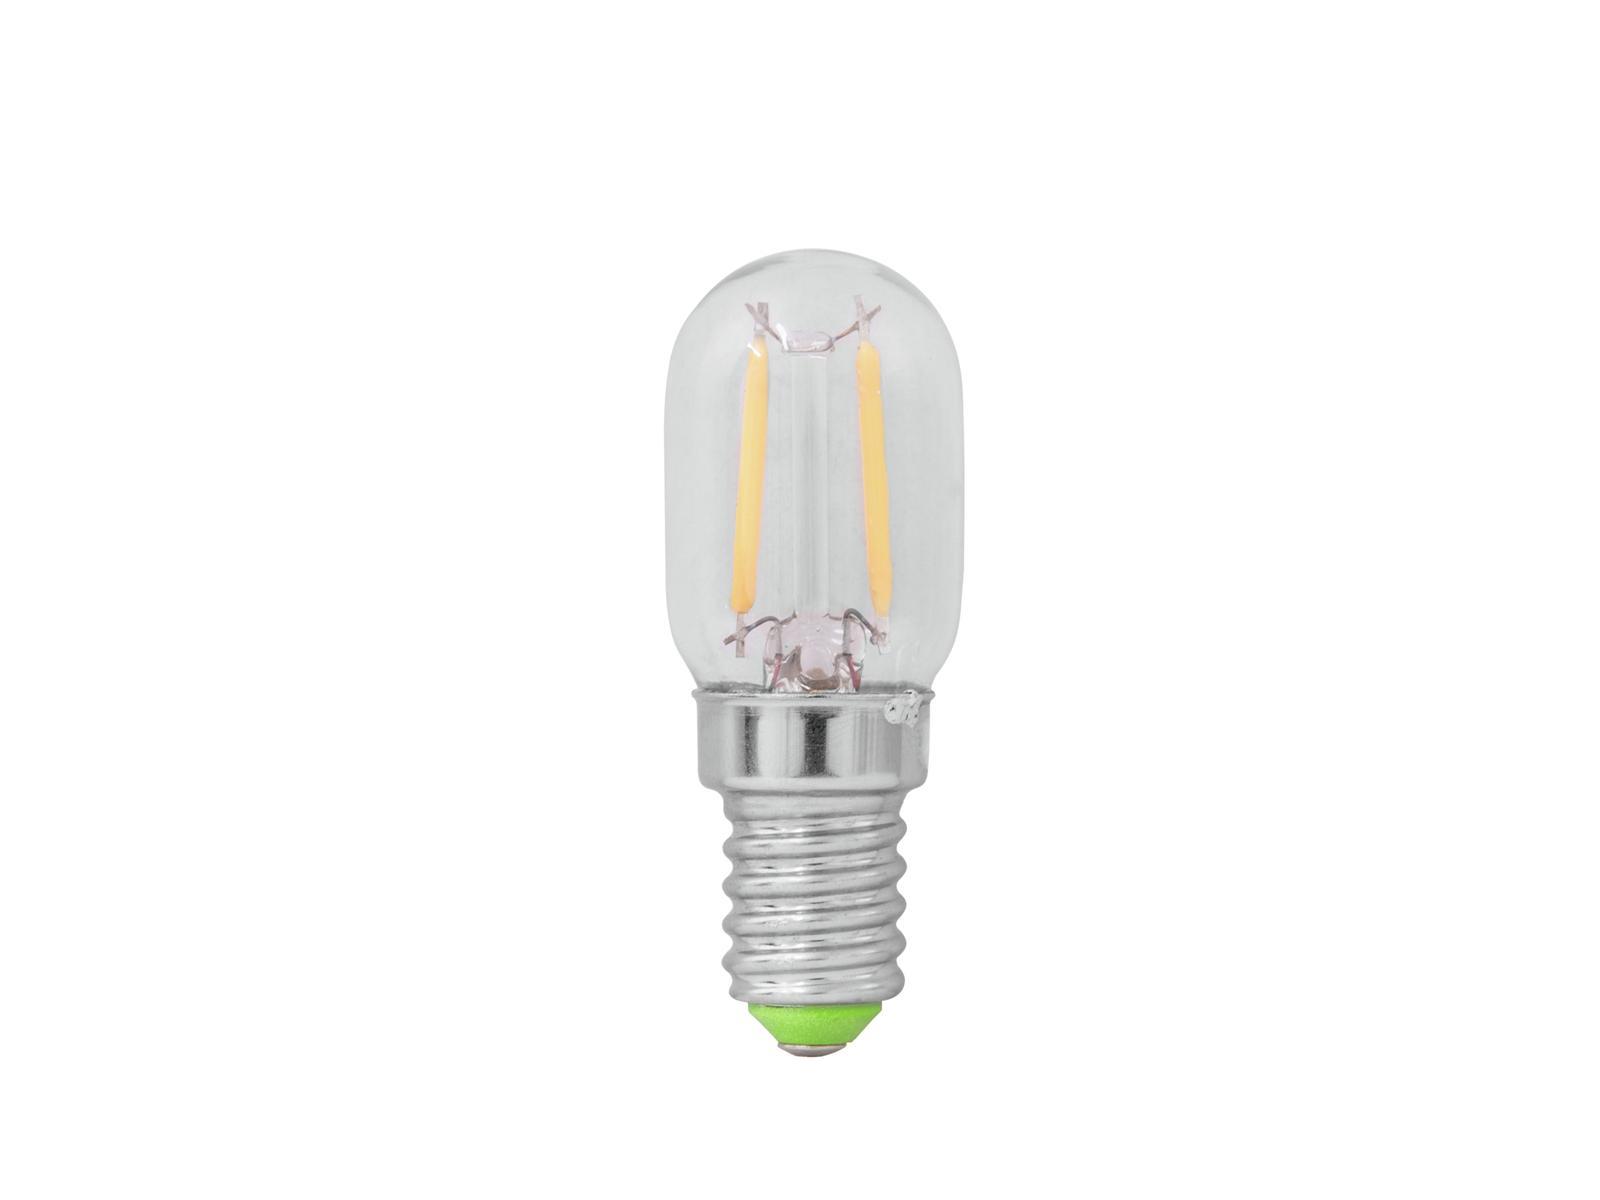 Lampada a led con filamento T22 230V 1W E-14 6400K OMNILUX